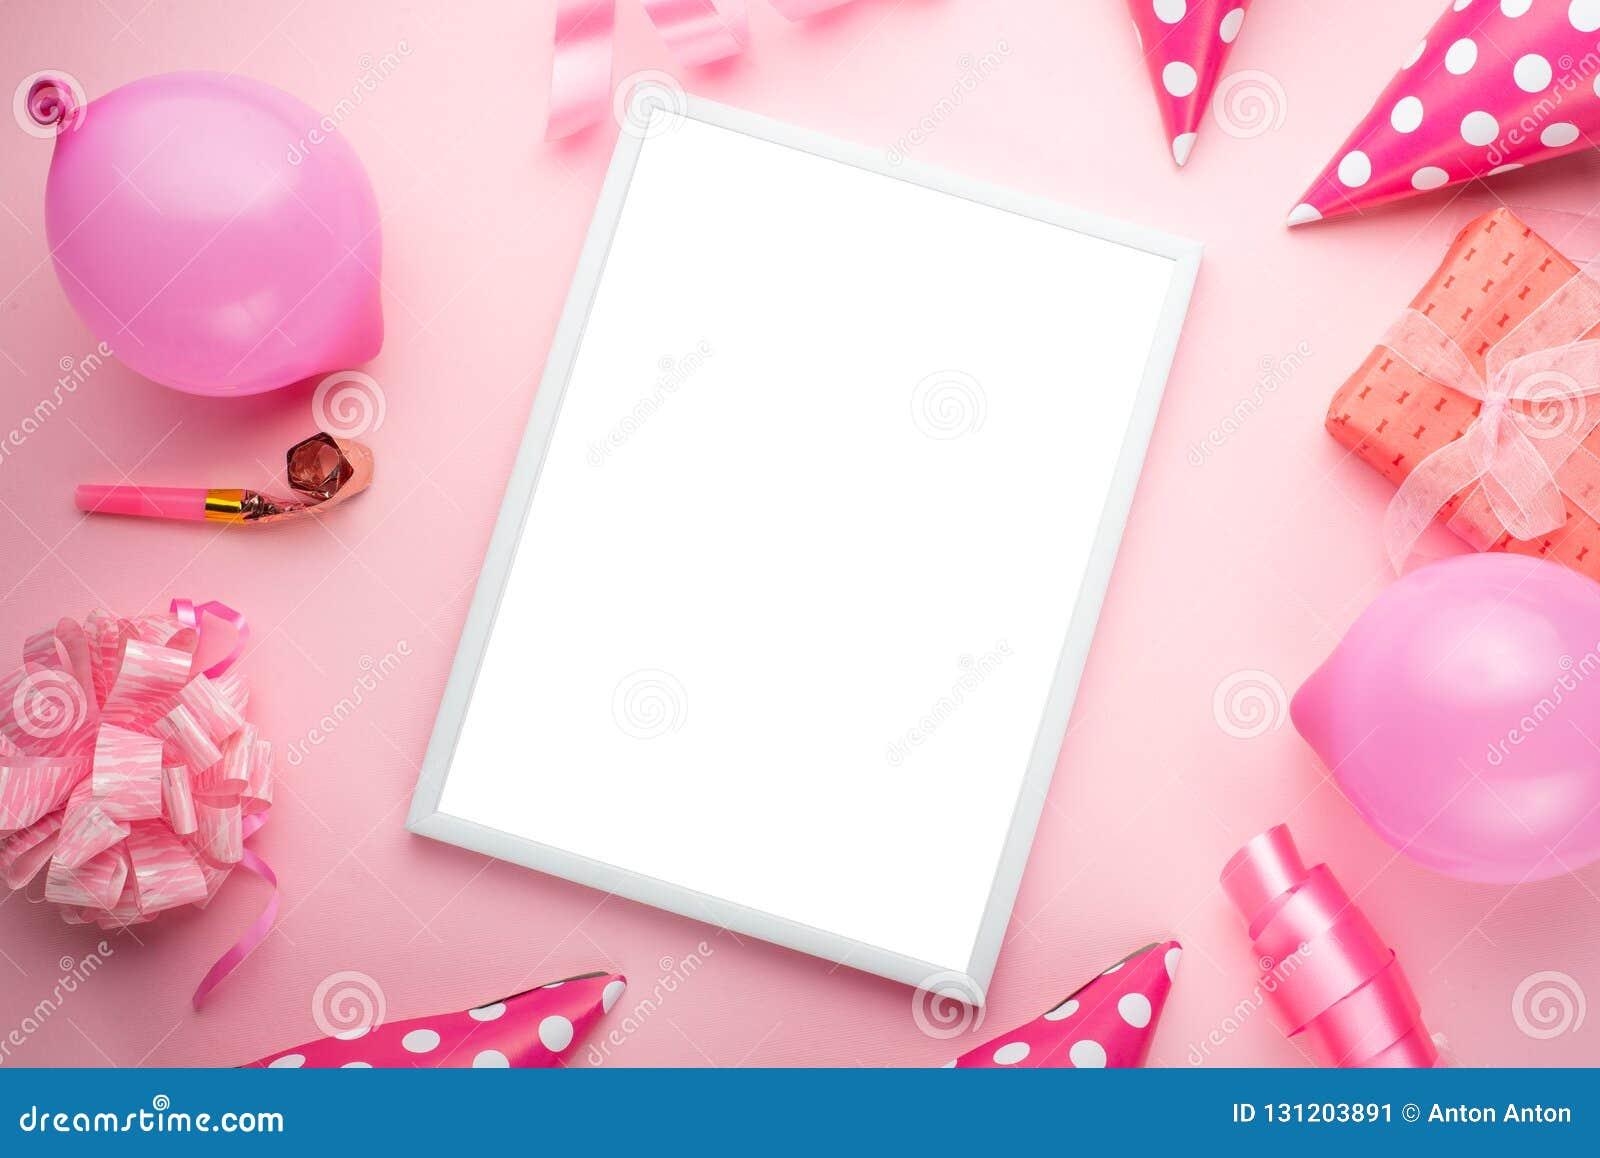 女孩的辅助部件桃红色背景的 邀请,生日,少女时代党,婴儿送礼会概念,庆祝 框架为